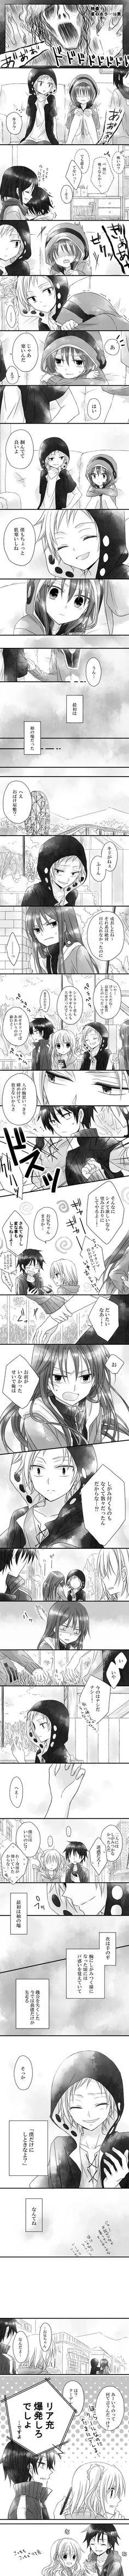 :3Kagerou KidoXKano Momo Shintaro Ene Seto Ayano Mary